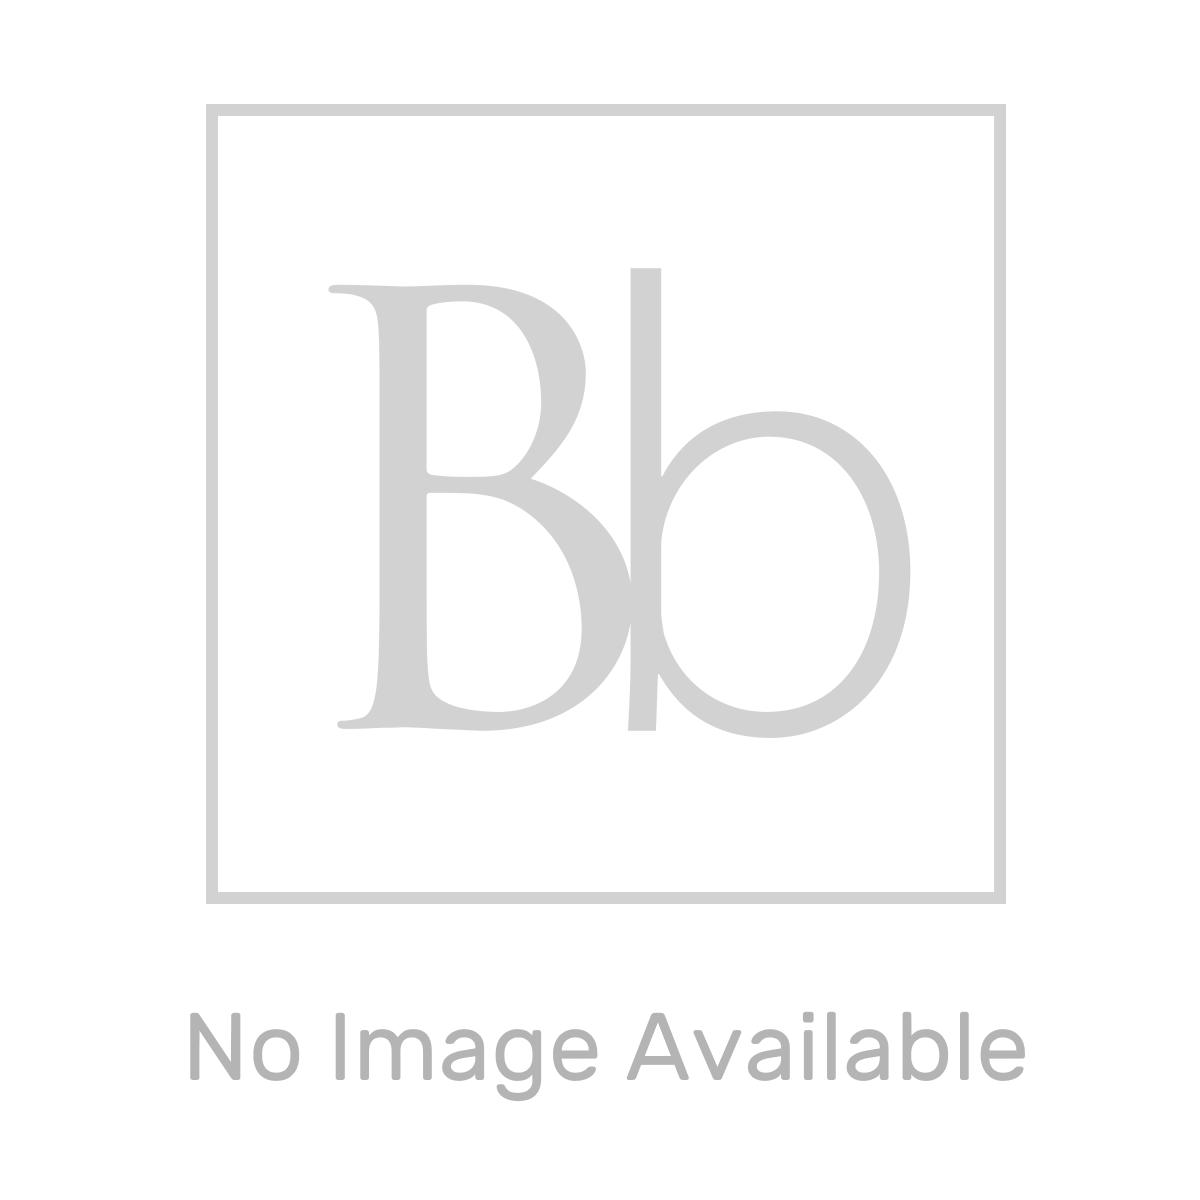 Aquadart Venturi 6 Pivot Shower Door with Optional Side Panel